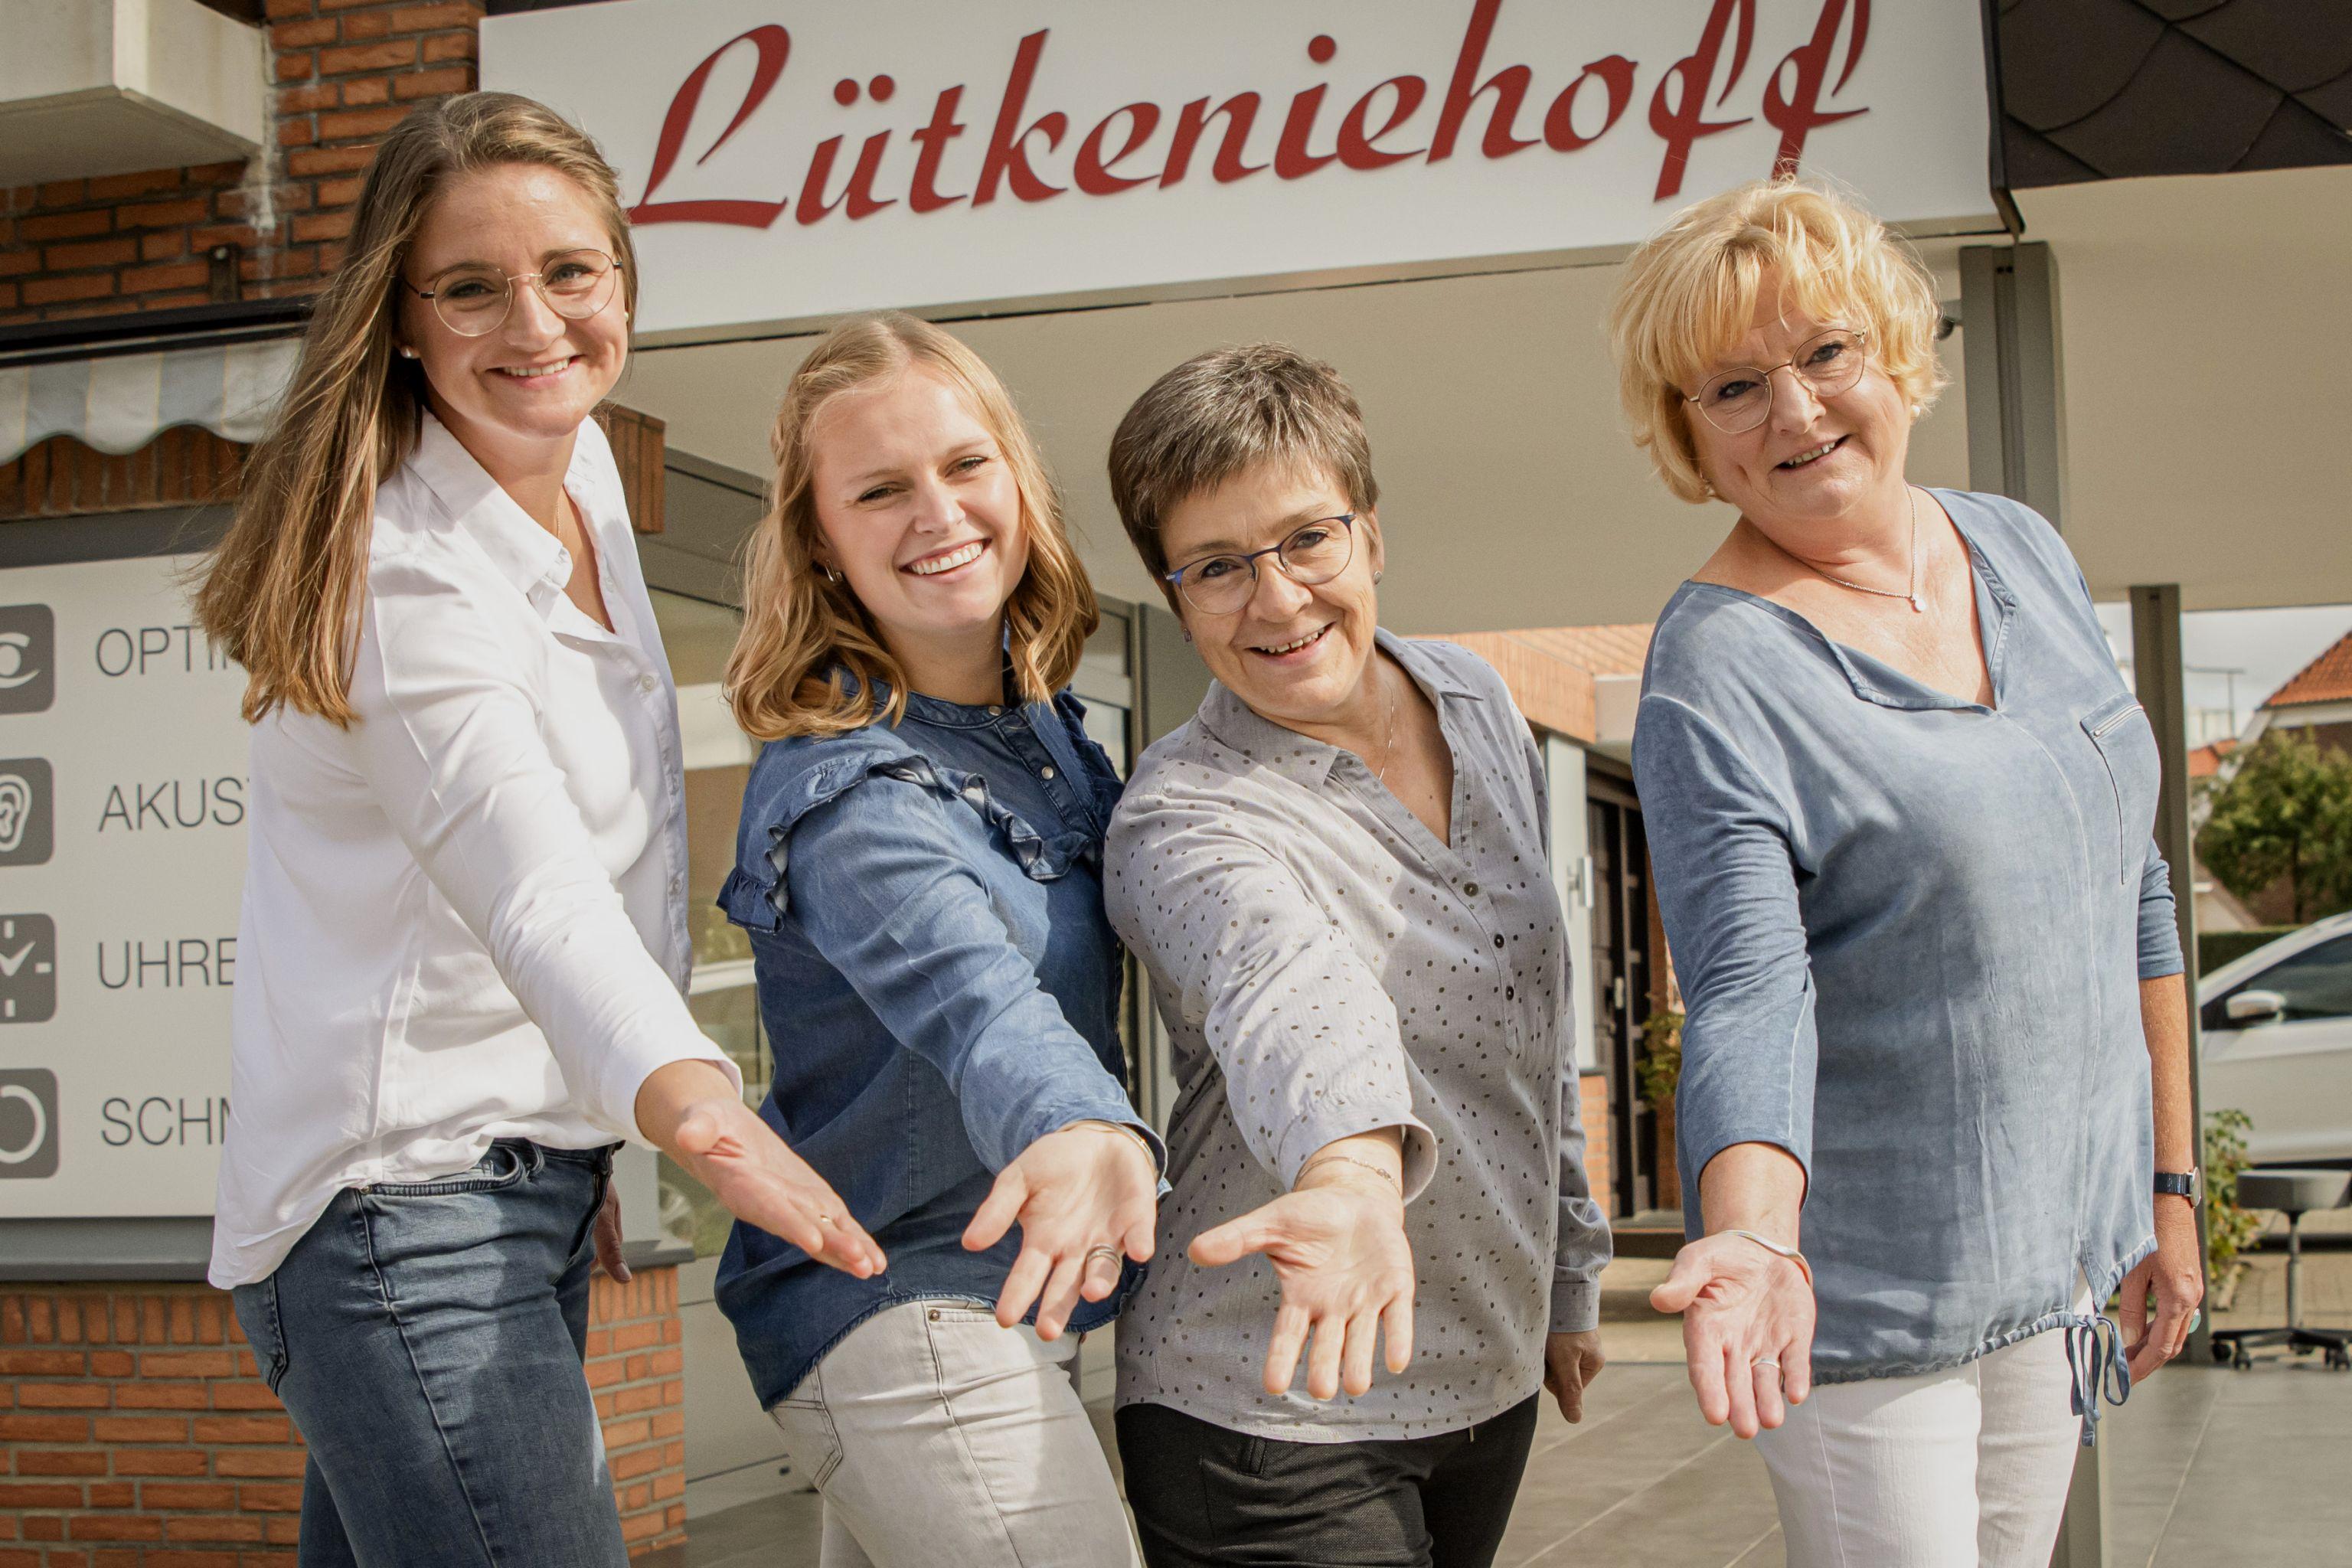 Optik-Uhren-Schmuck Lütkeniehoff